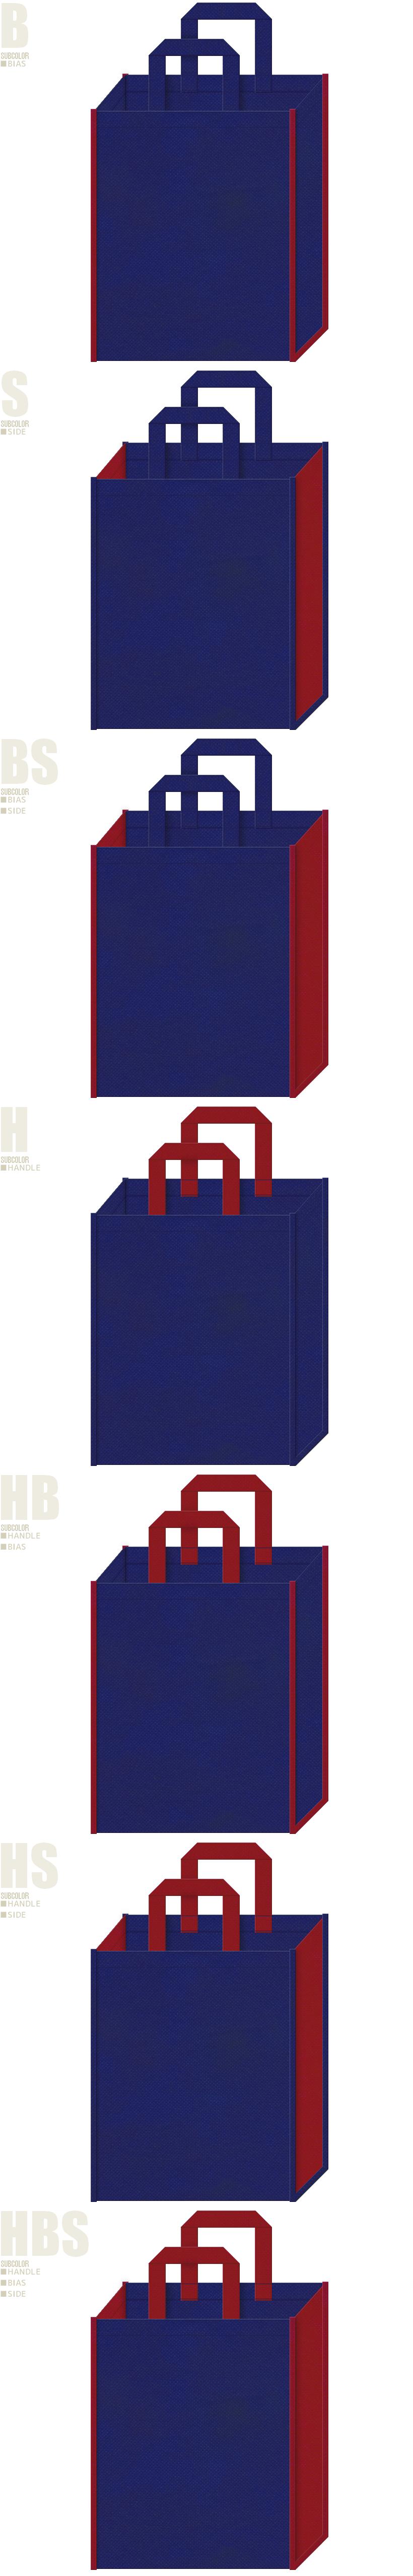 紺紫色とエンジ色-7パターンの不織布トートバッグ配色デザイン例